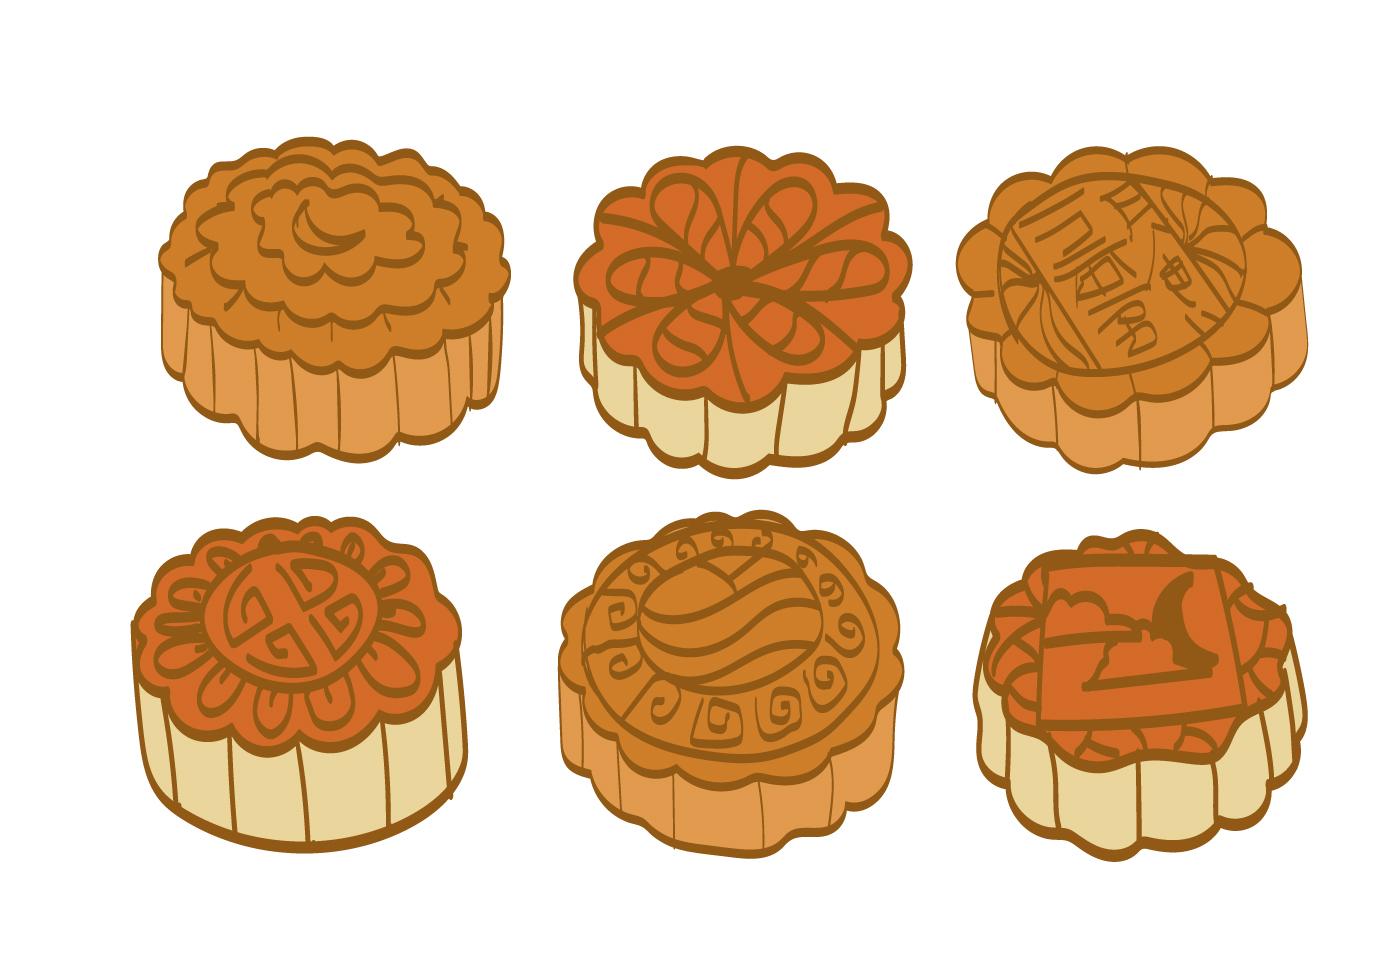 Moon Cake Vector - Download Free Vector Art, Stock ...